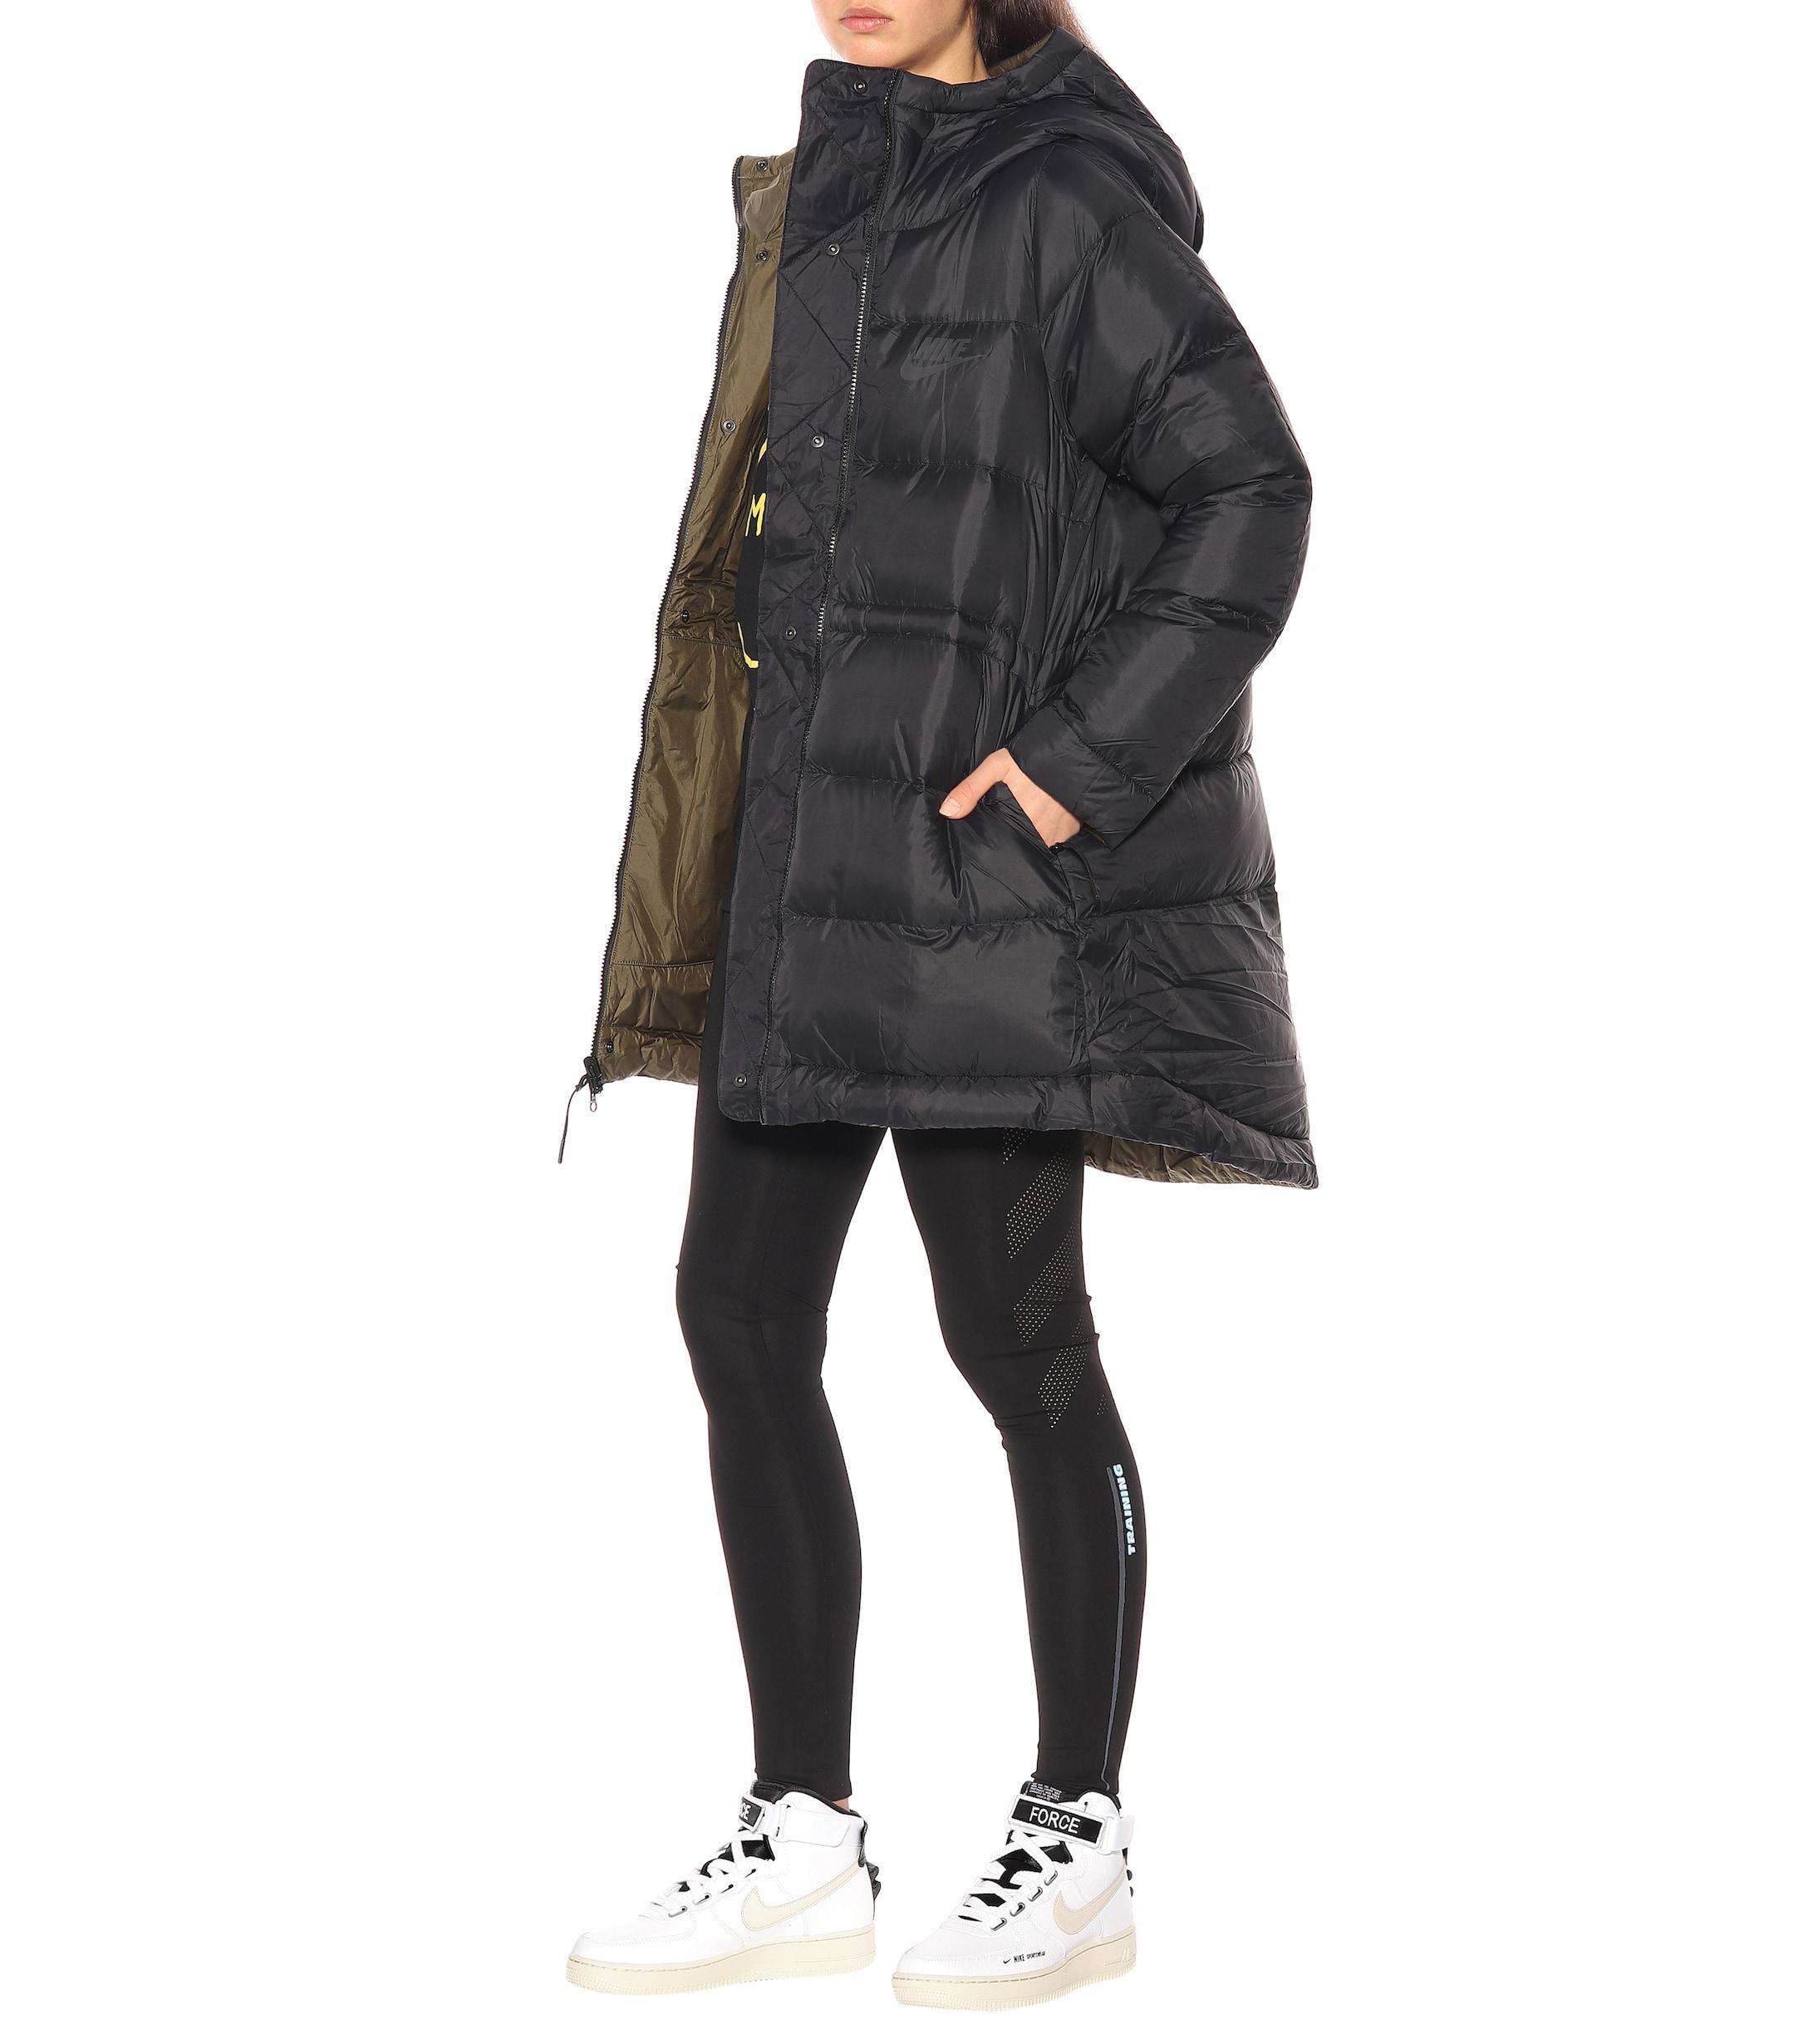 new products 4f9cf 112d8 Lyst Coloris En Nike Sportswear Manteau Doudoune Noir Réversible qxvwrPqnY